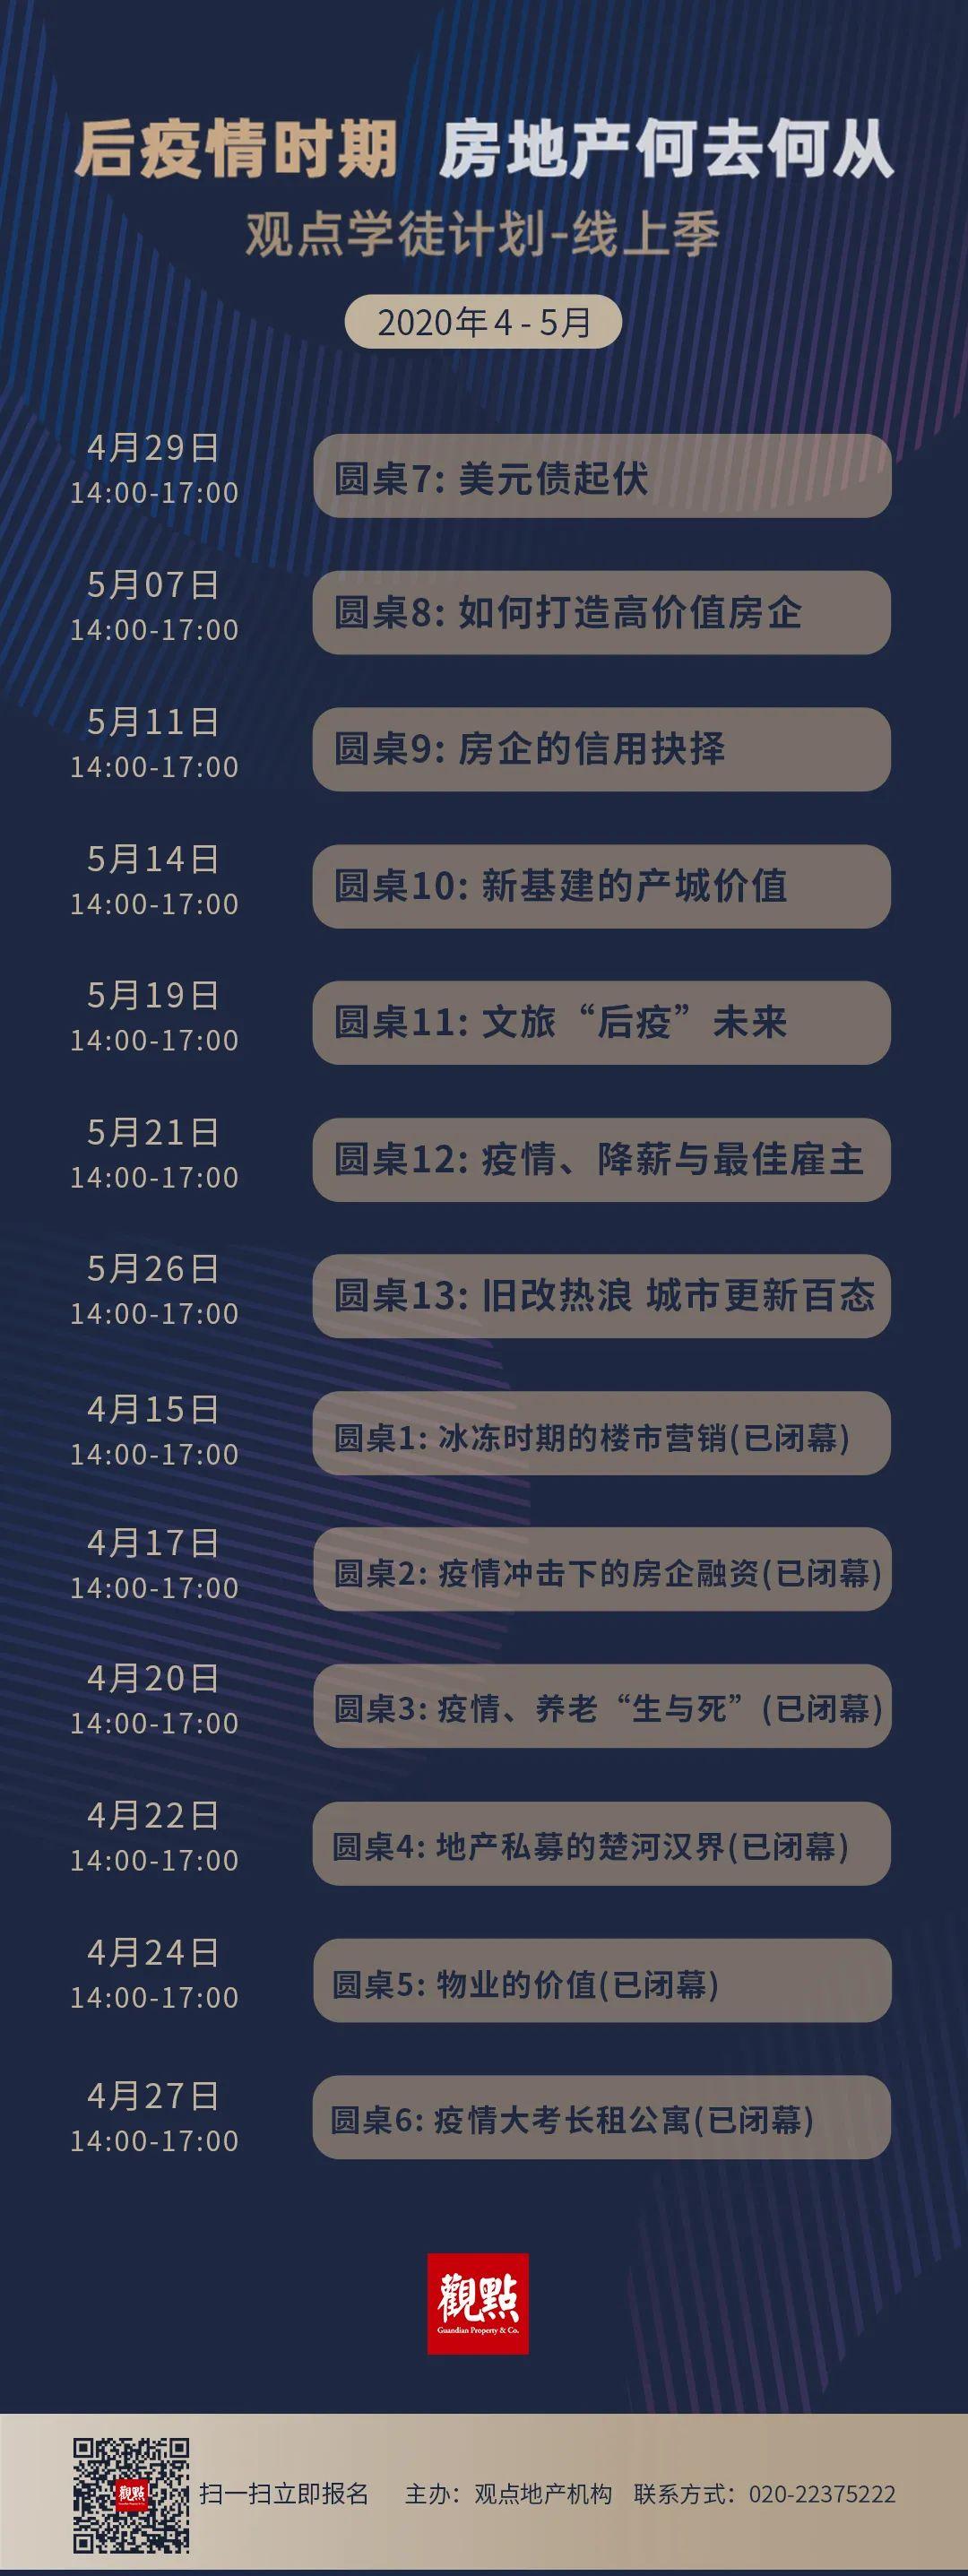 业绩快报 | 云南城投去年营收62.48亿 万科一季度营收478亿元